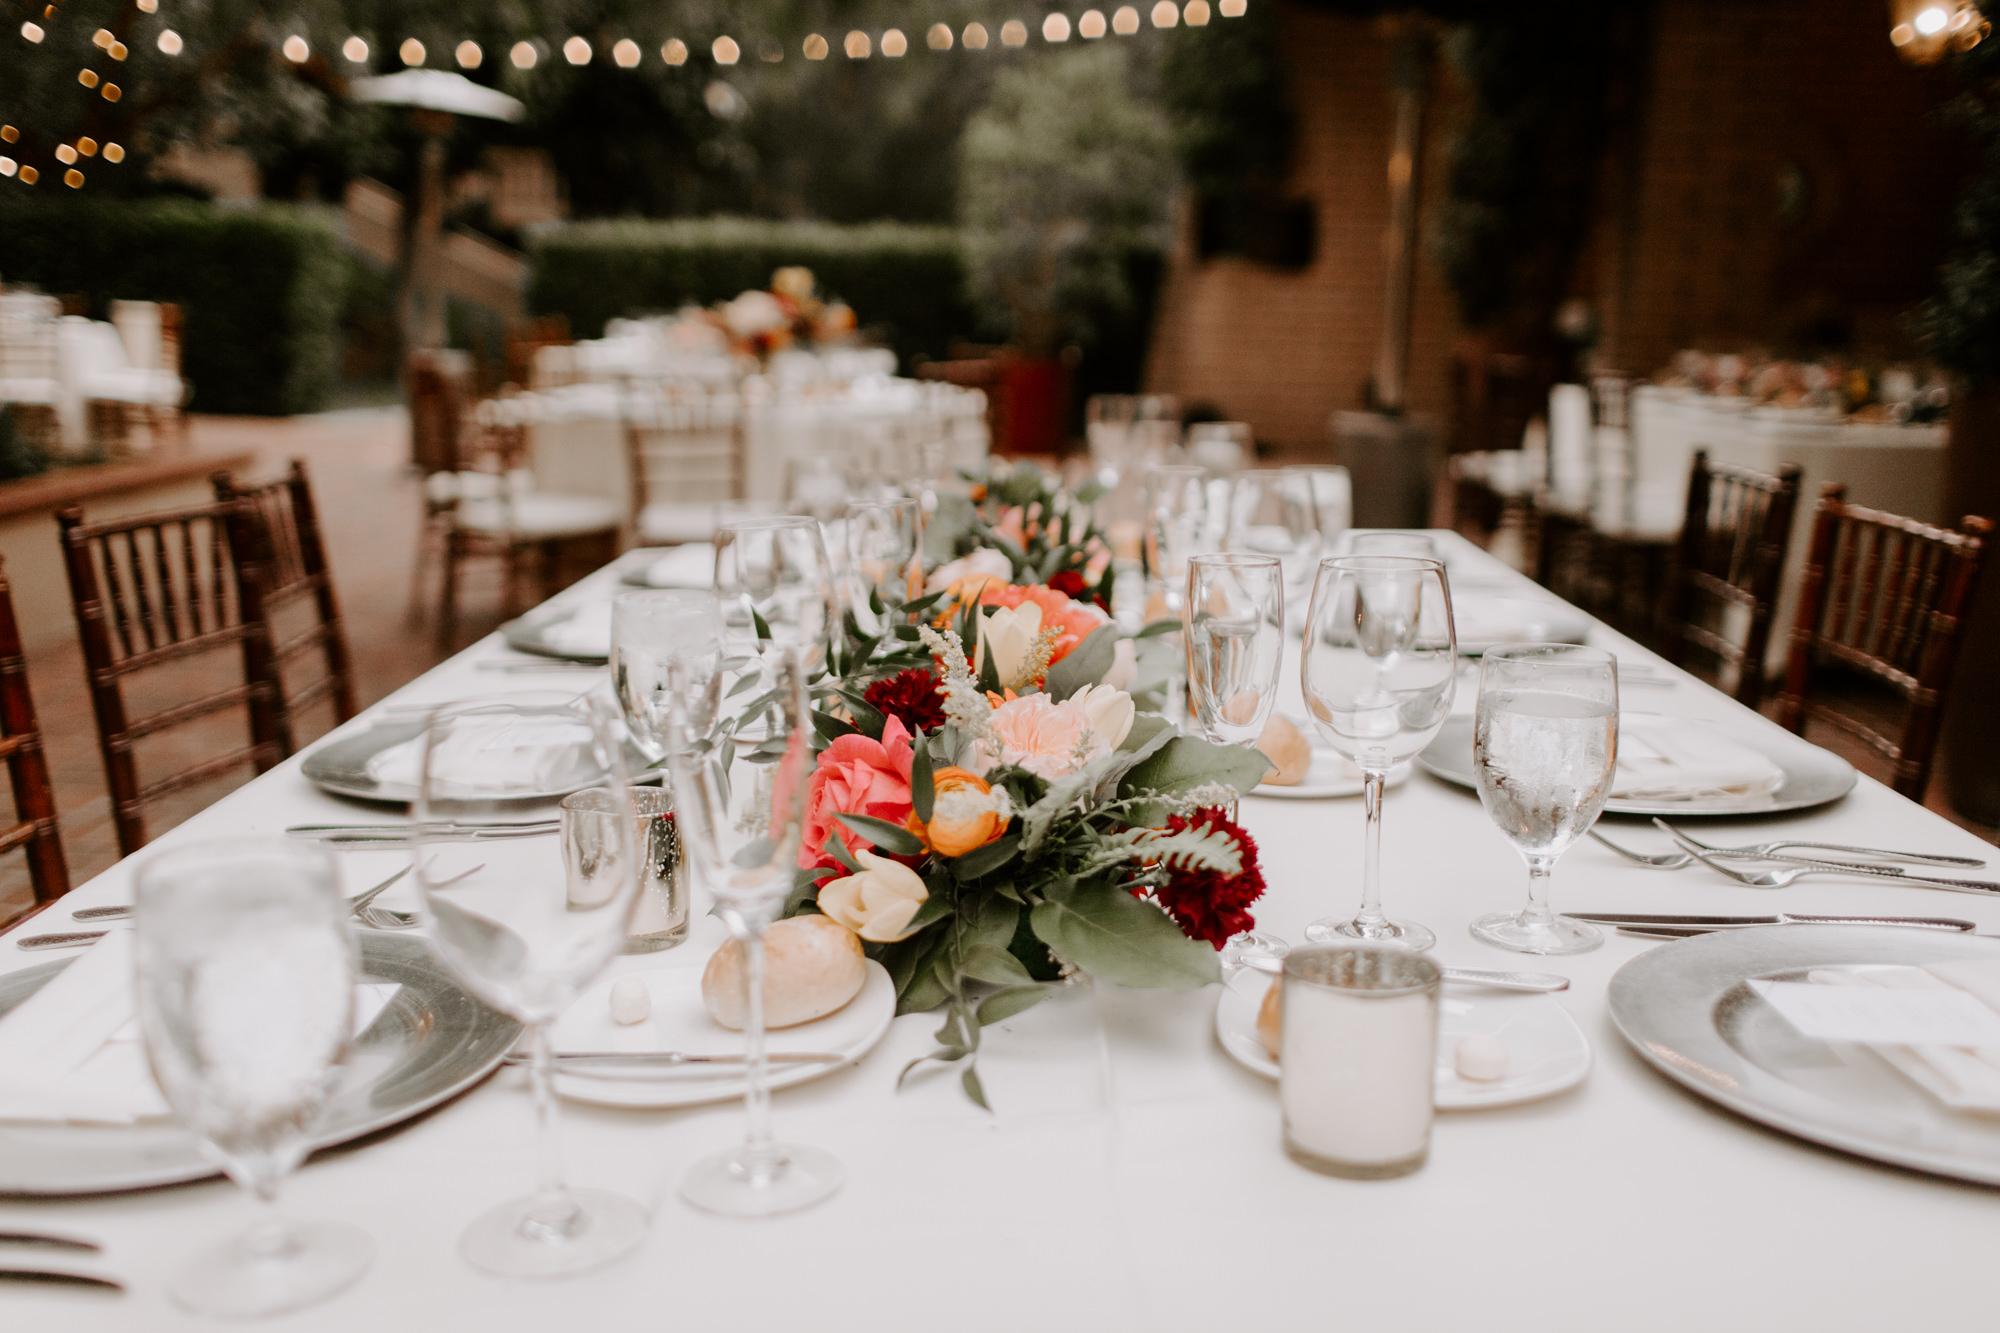 Rancho bernardo Inn san deigo wedding photography0081.jpg